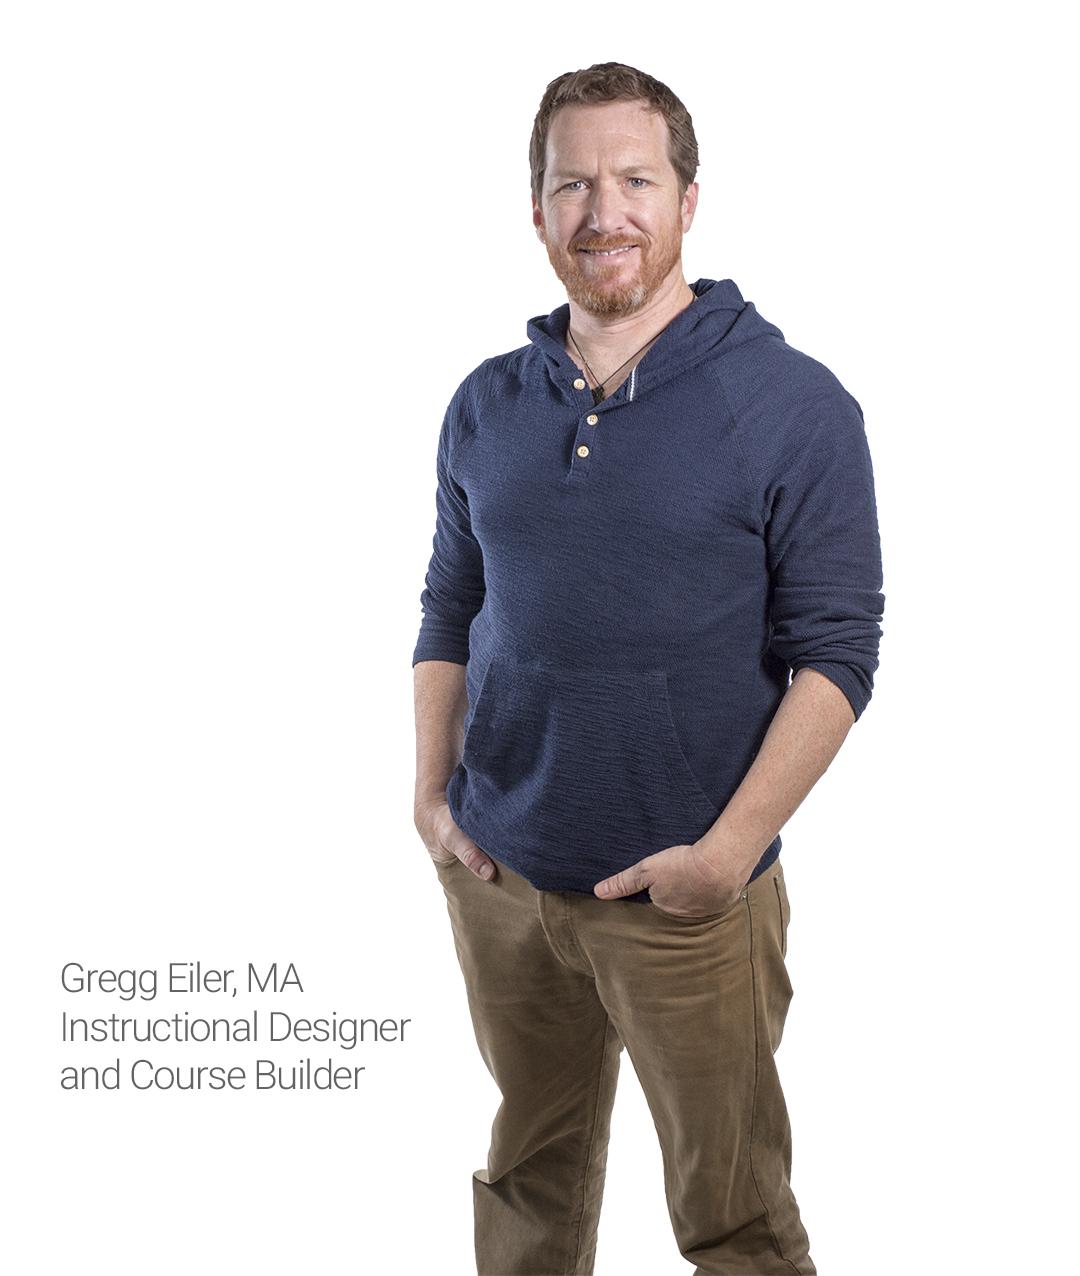 Gregg Eiler, Master Course Builder